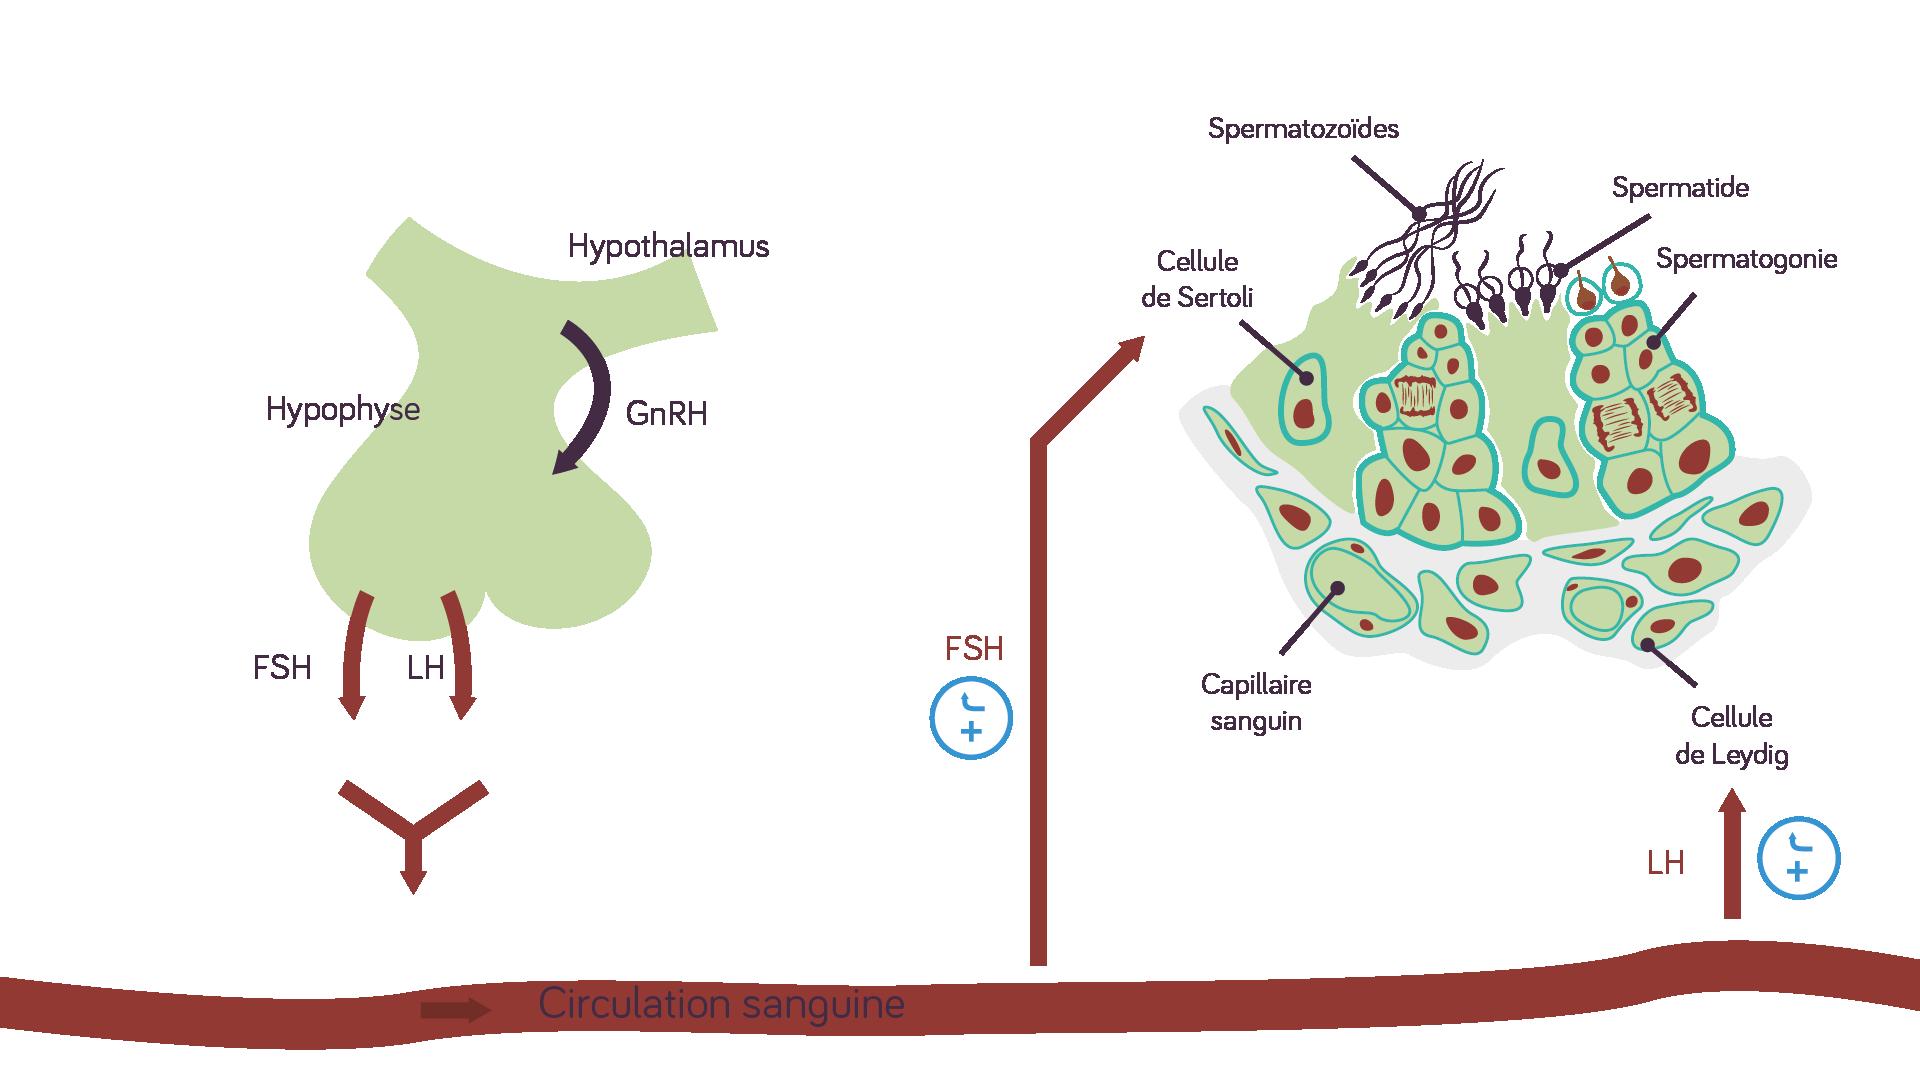 L'hypothalamus sécrète une neurohormone qui agit sur la fonction endocrine de l'hypophyse